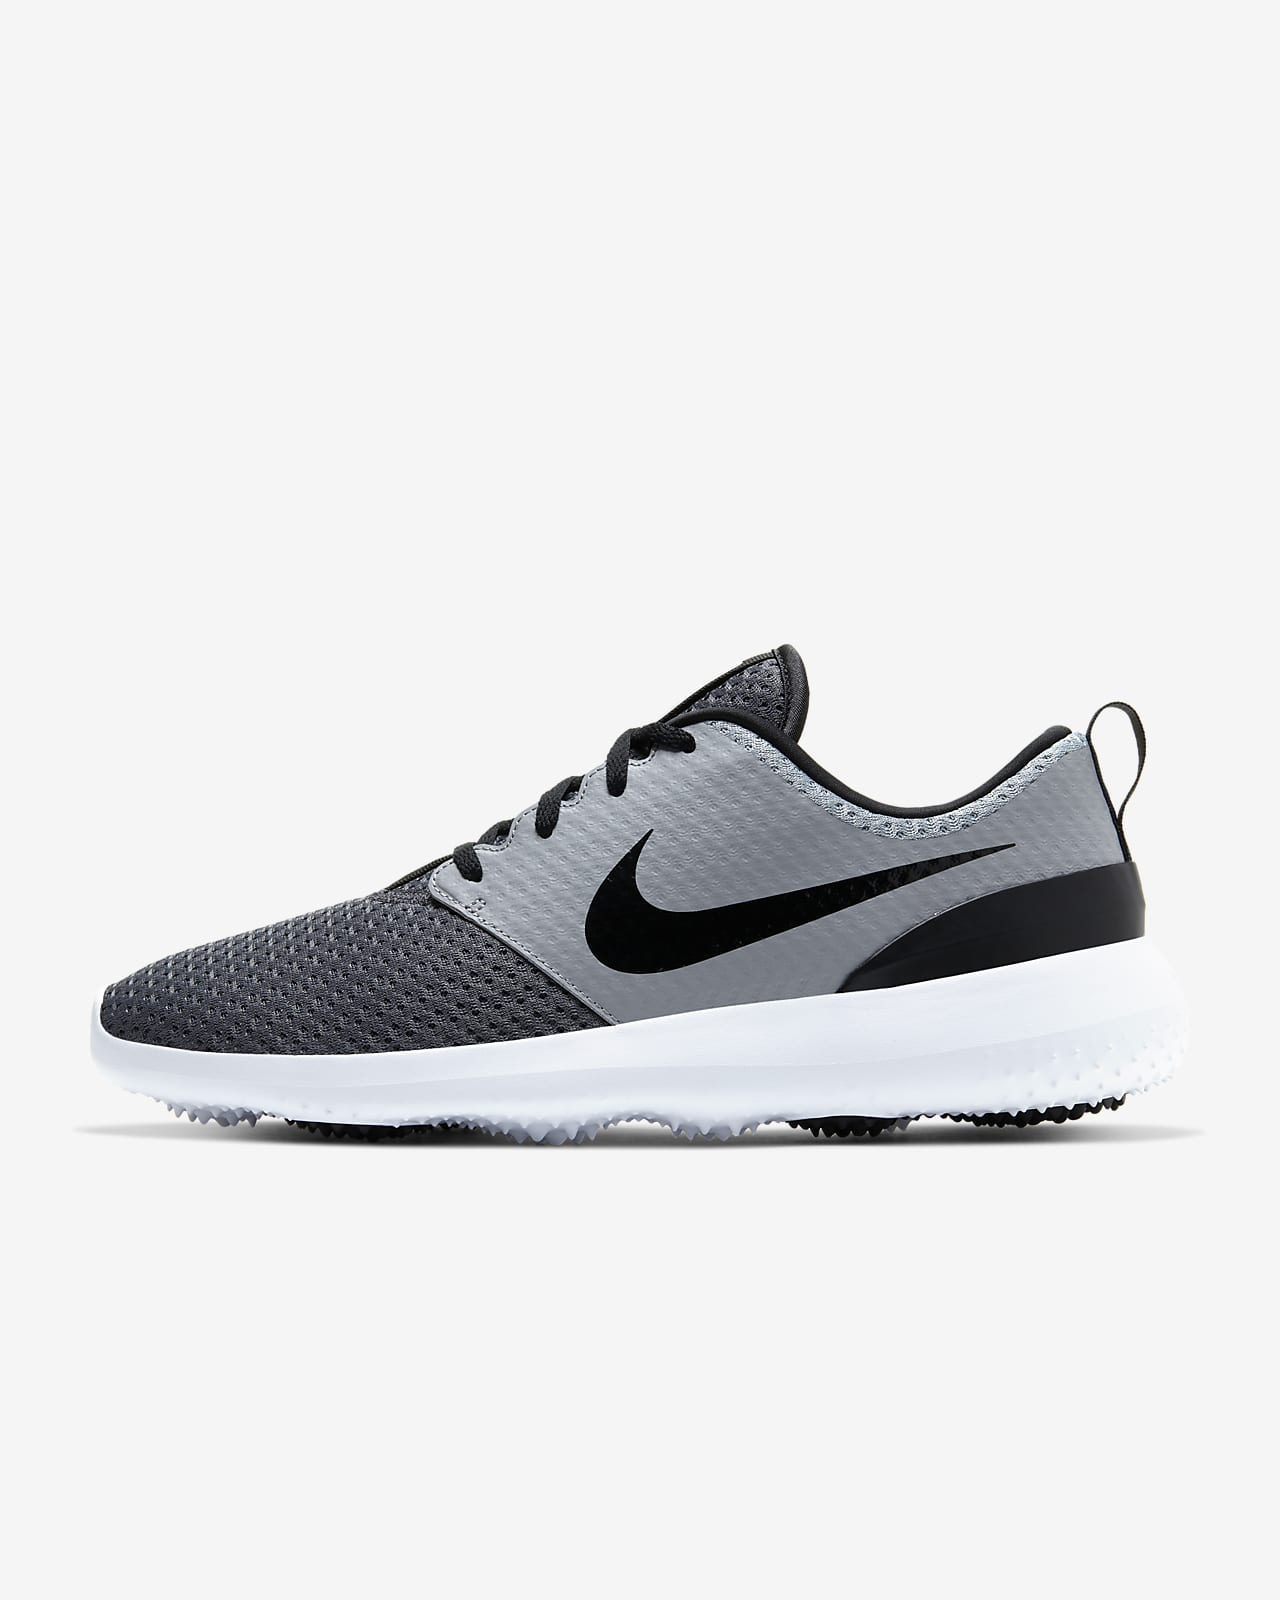 รองเท้ากอล์ฟผู้ชาย Nike Roshe G